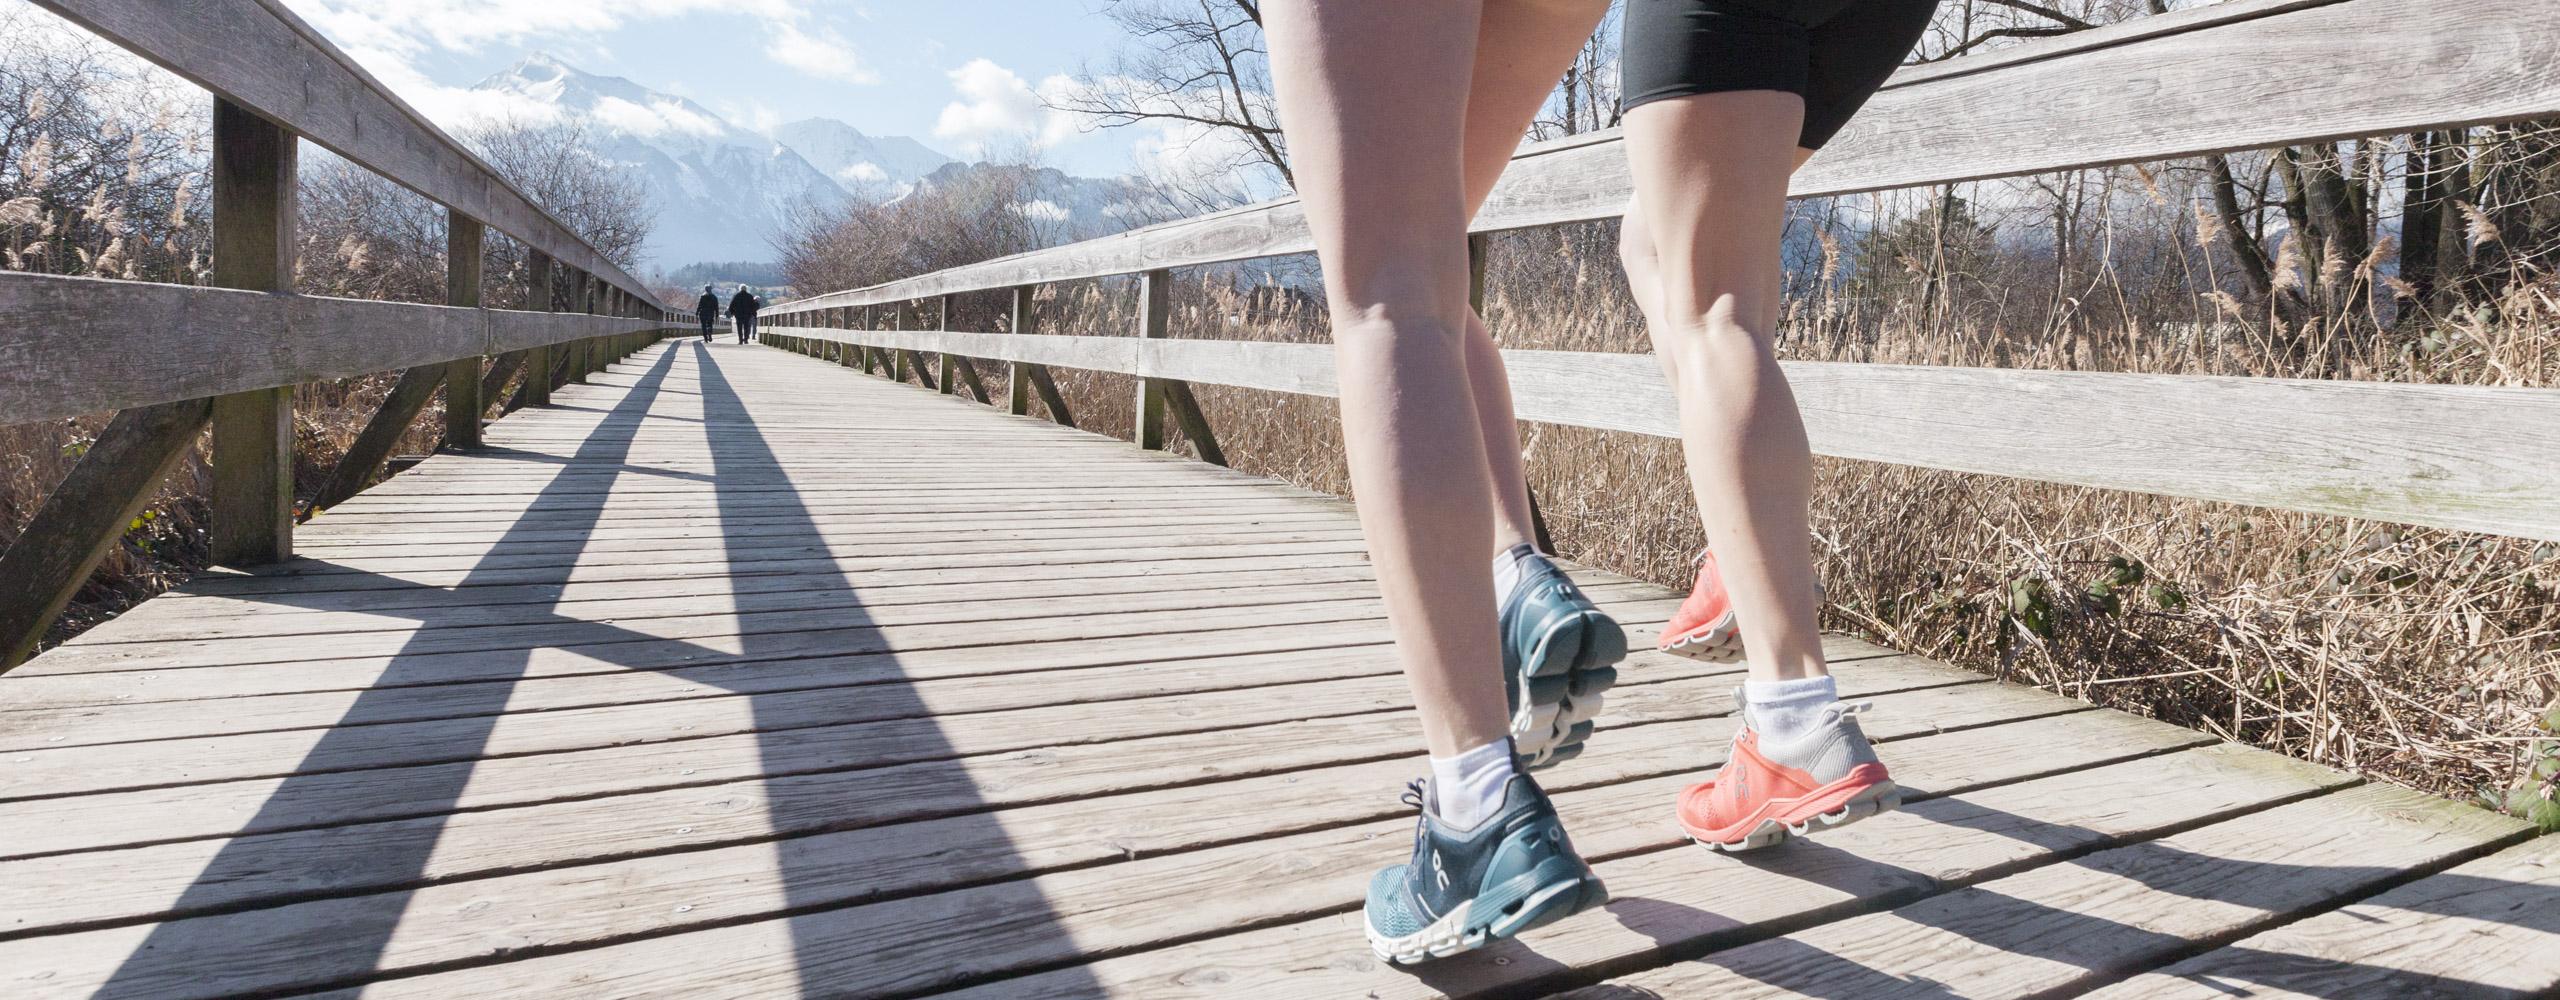 Willkommen bei gerbersport – Ihrem Laufsportspezialisten in der Region Bern!